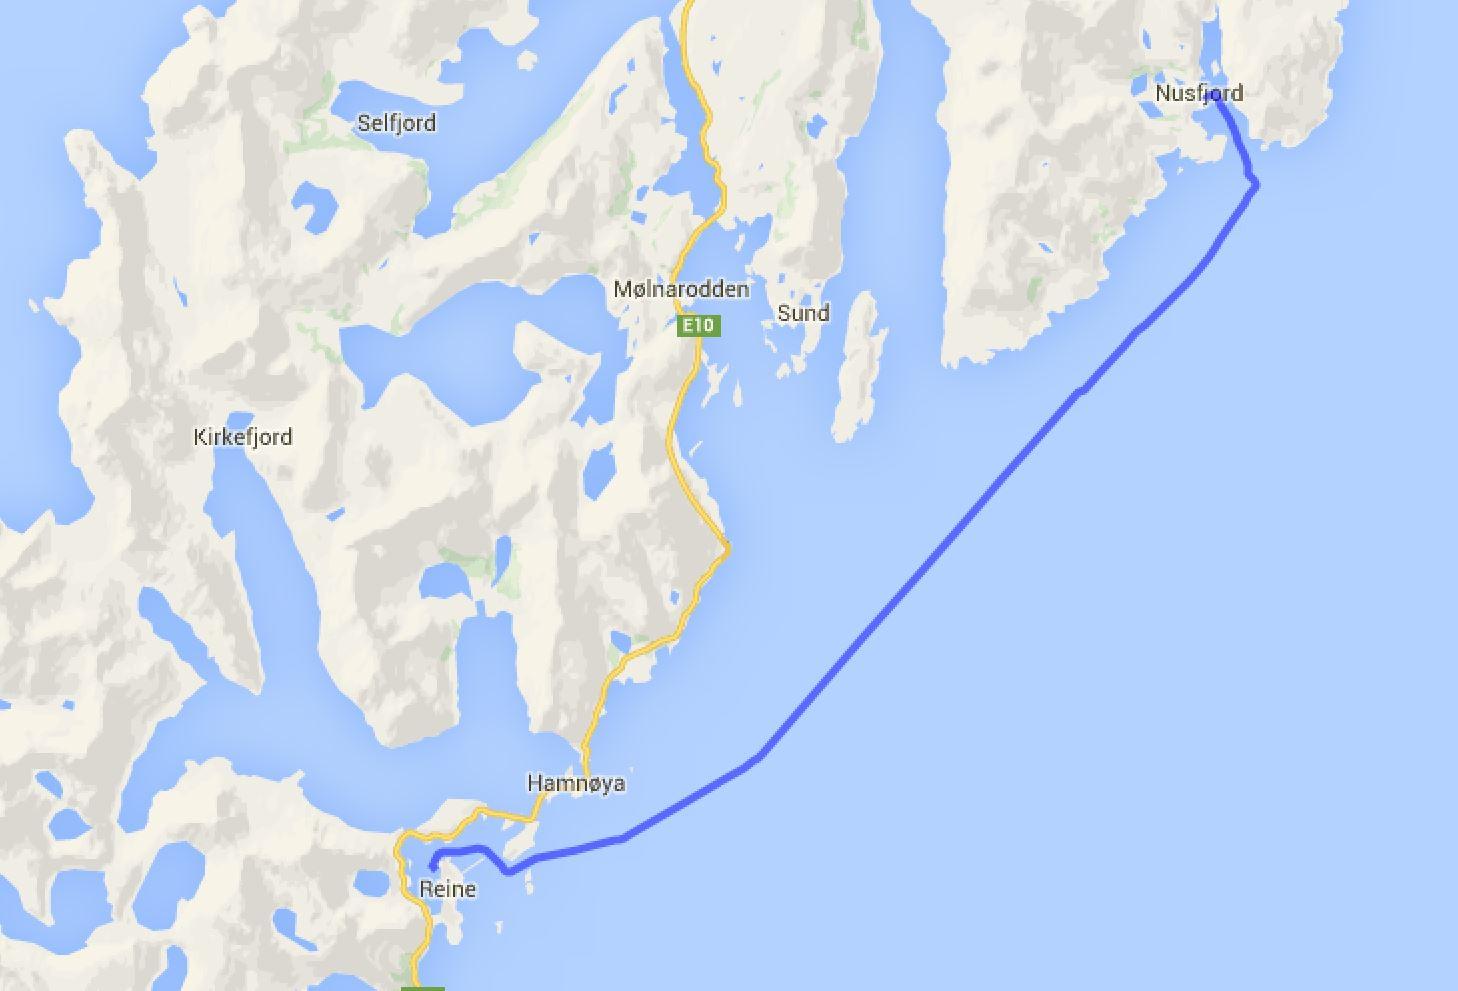 Nusfjord - Reine